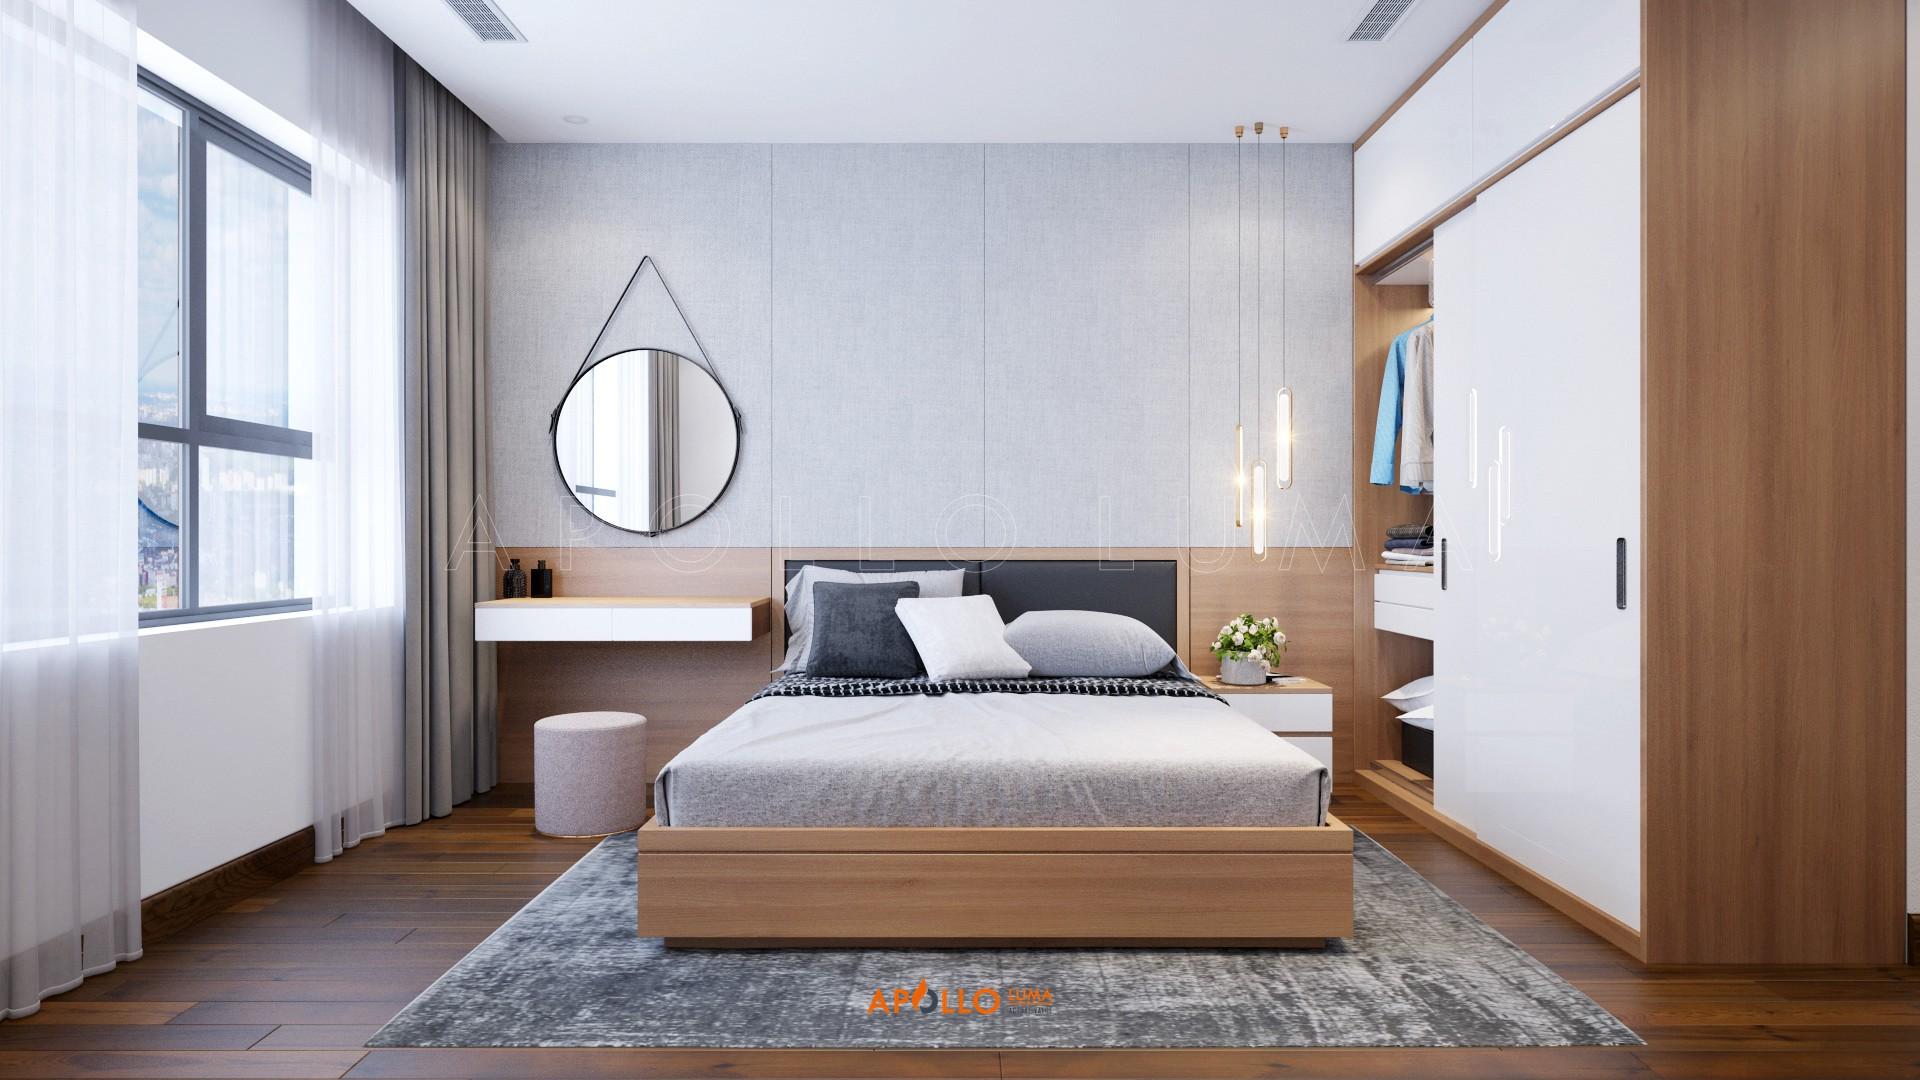 Thiết kế nội thất căn hộ 2PN D'.Capitale Trần Duy Hưng